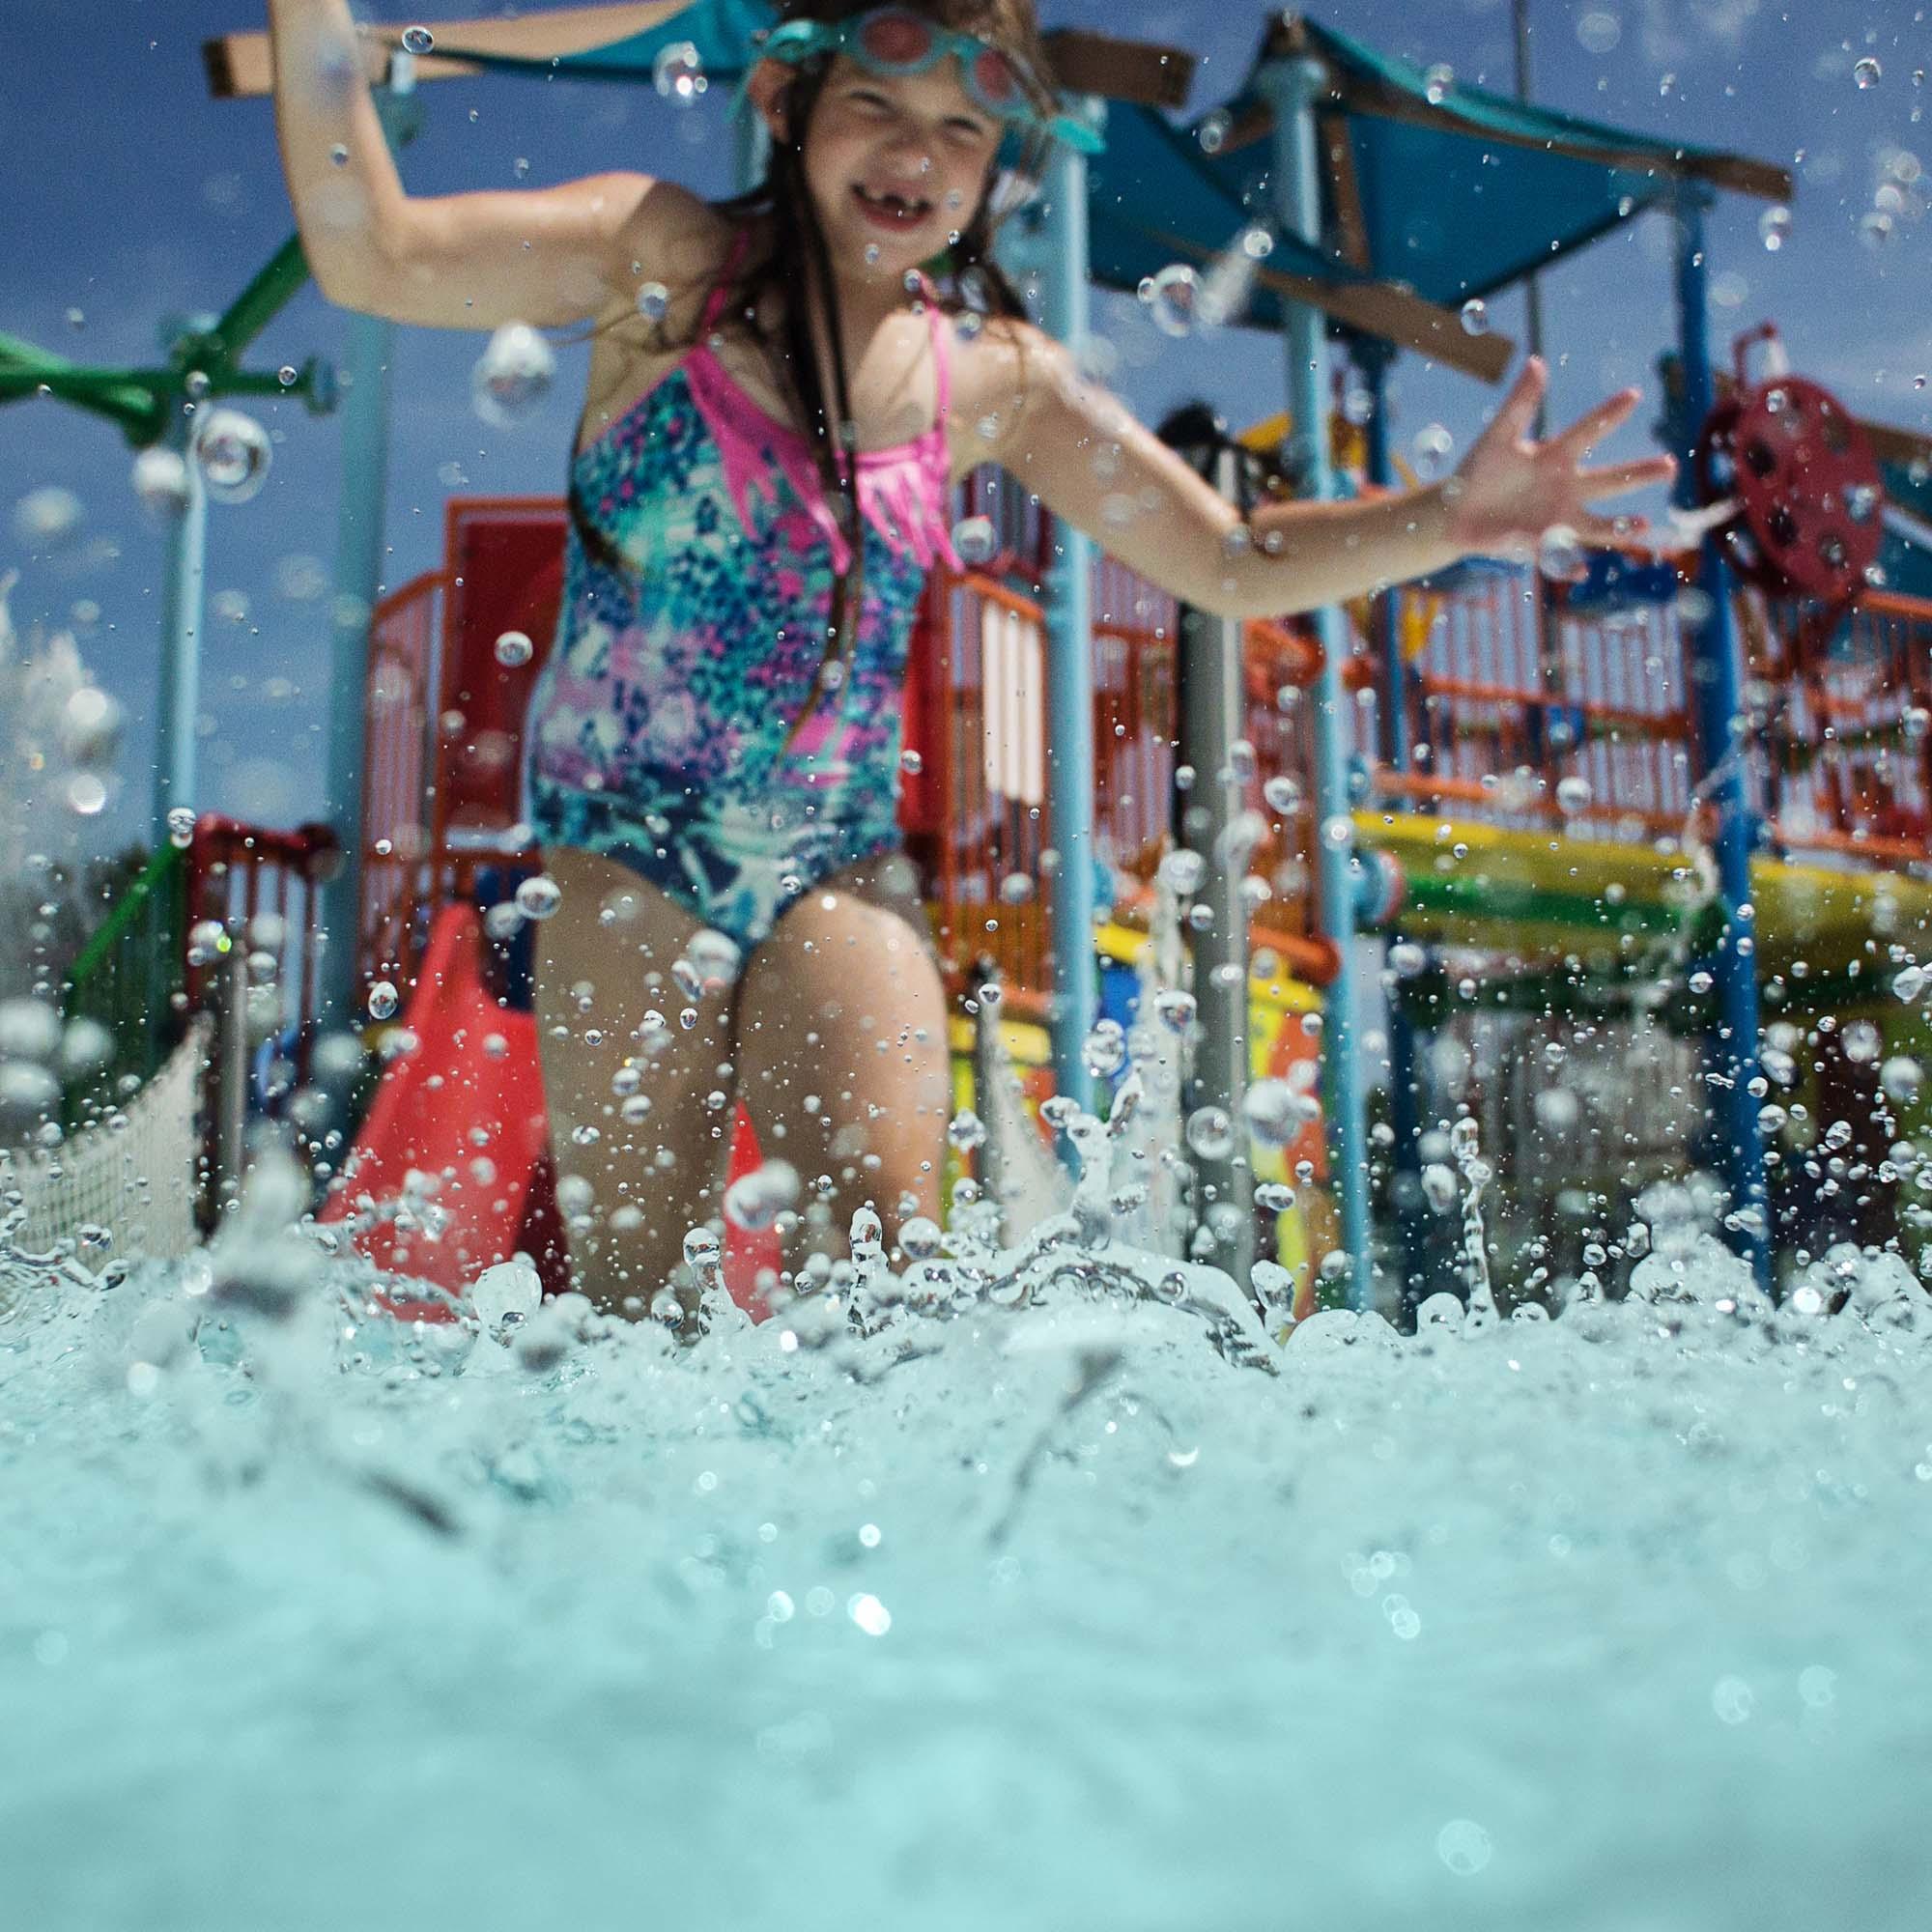 girl-splashing-in-water-kellie-bieser